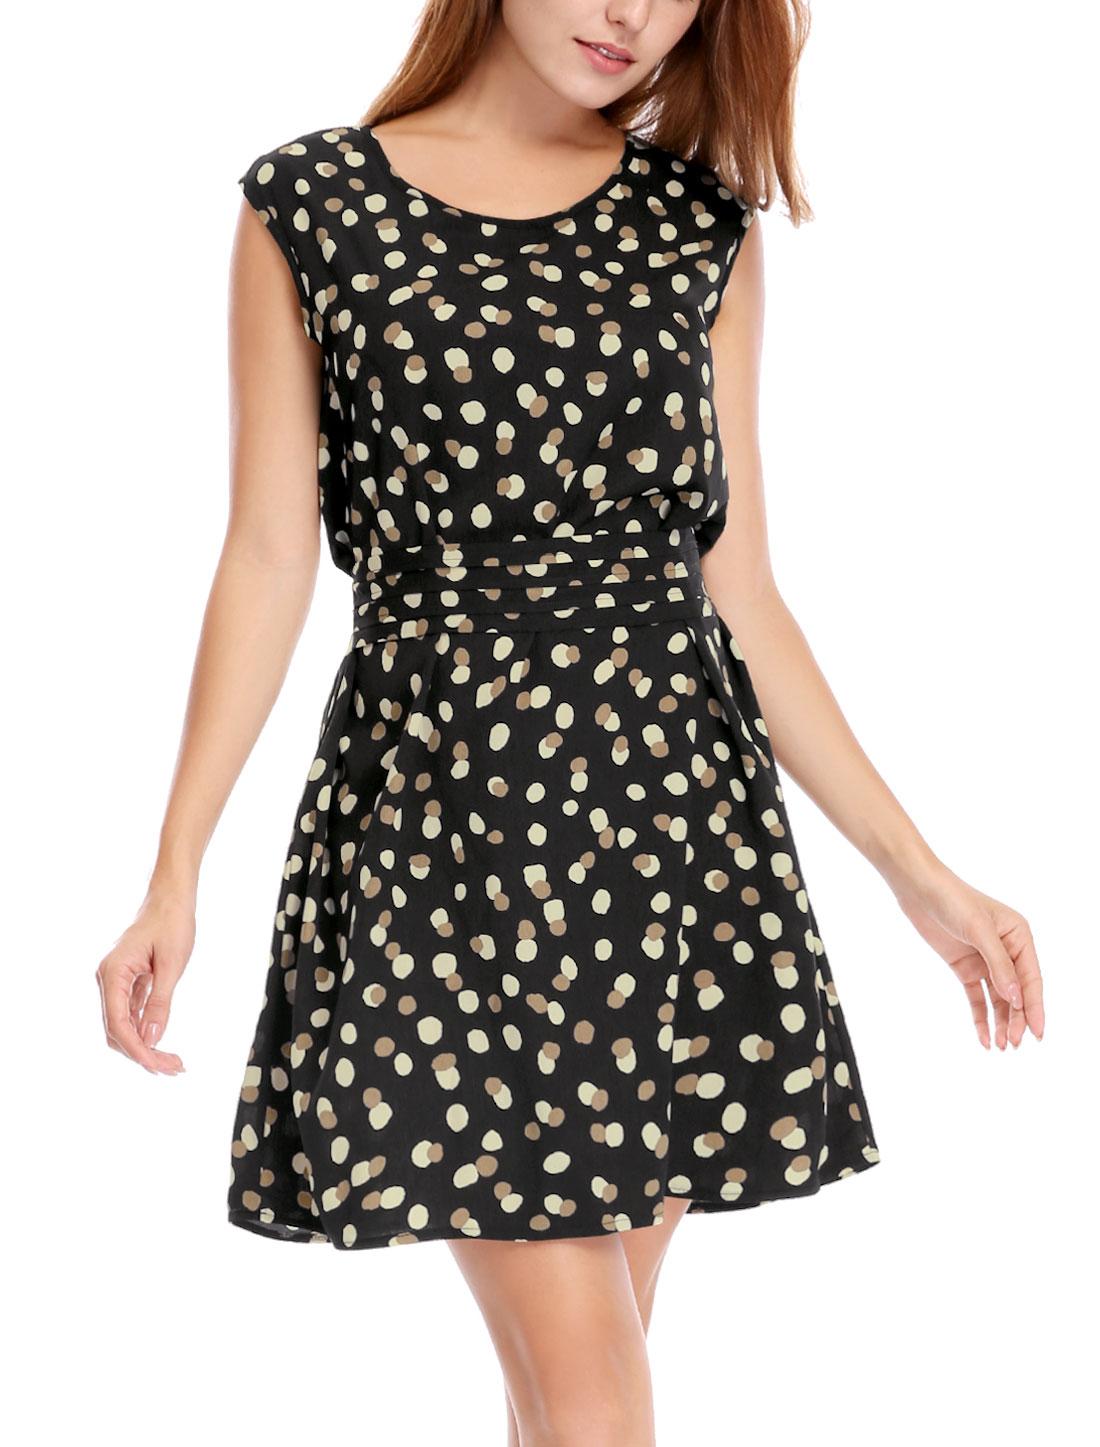 Women Dots Sleeveless Belted Above Knee A Line Dress Black XL